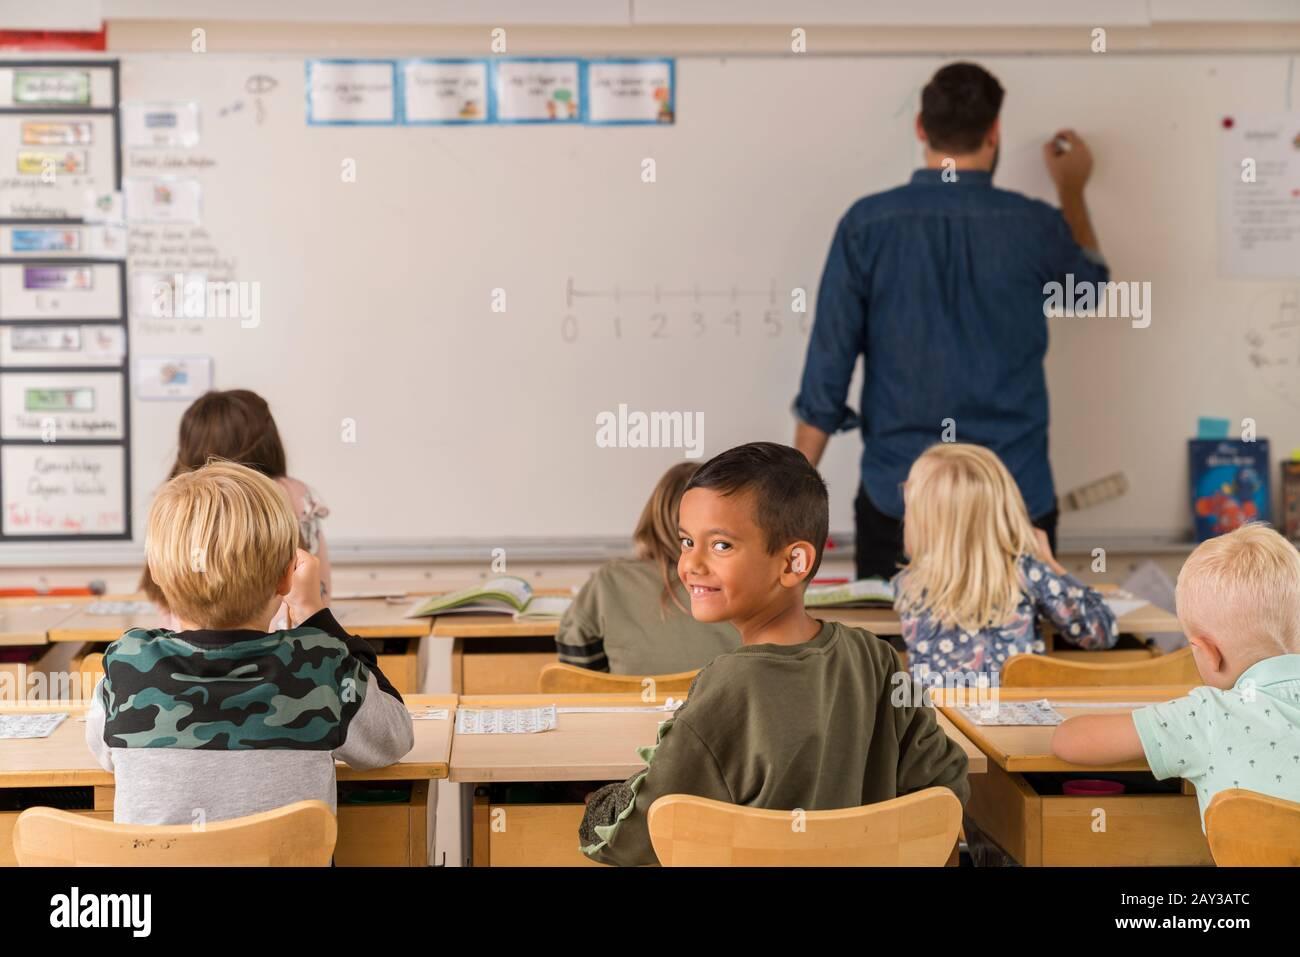 Schoolchildren in classroom Stock Photo